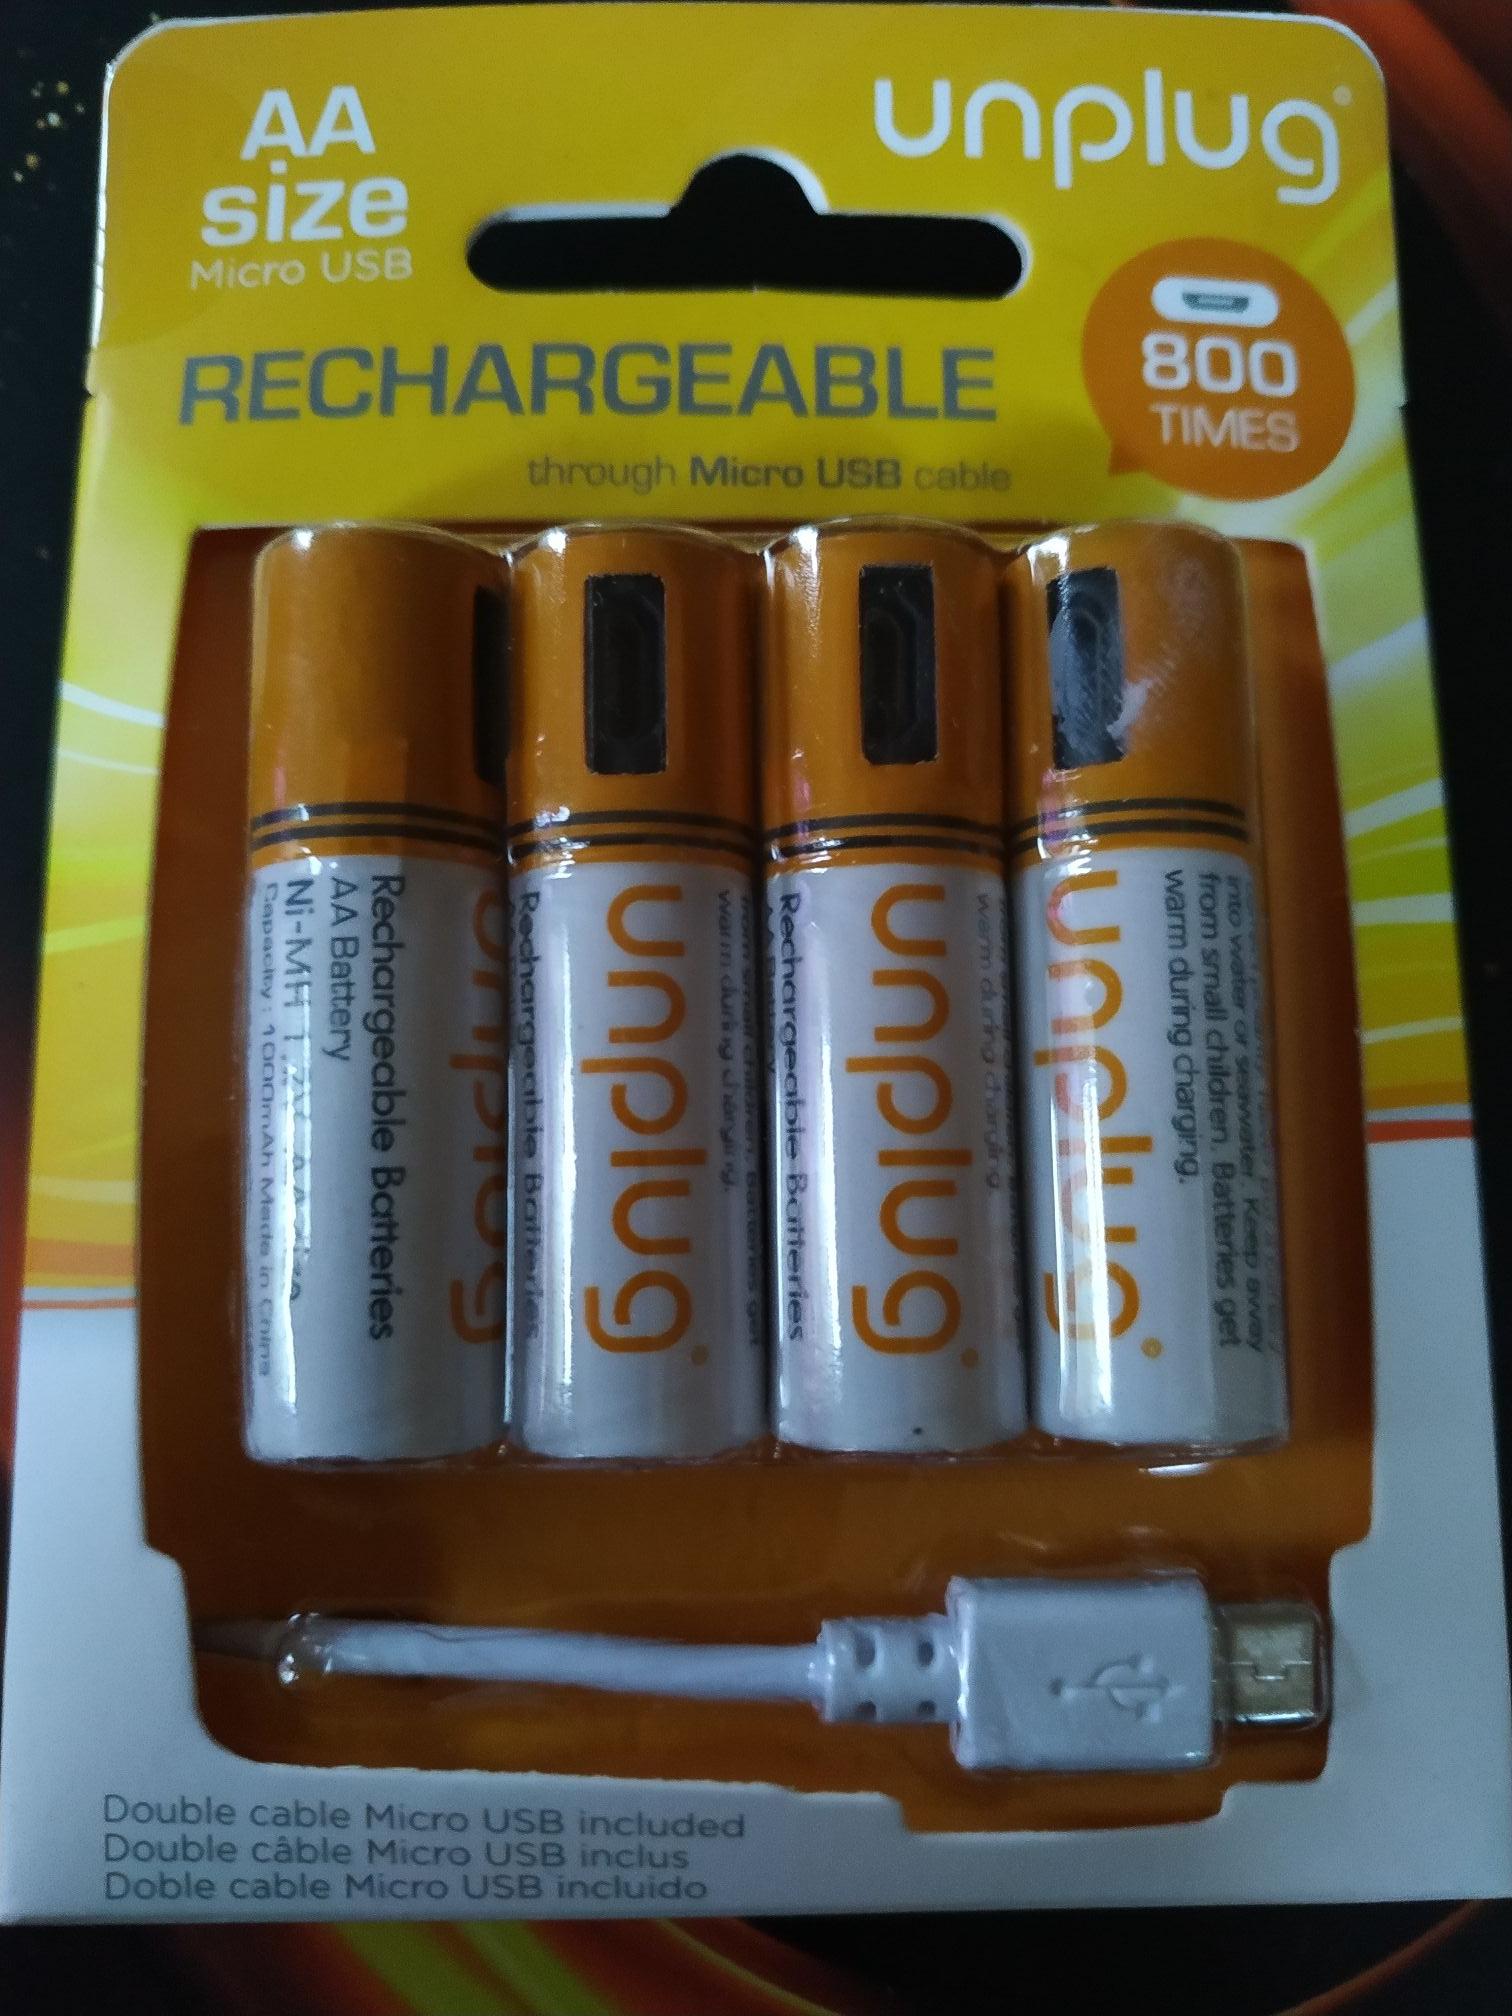 Unplug Oplaadbare AA-batterijen, 4 stuks, met micro-USB-kabel